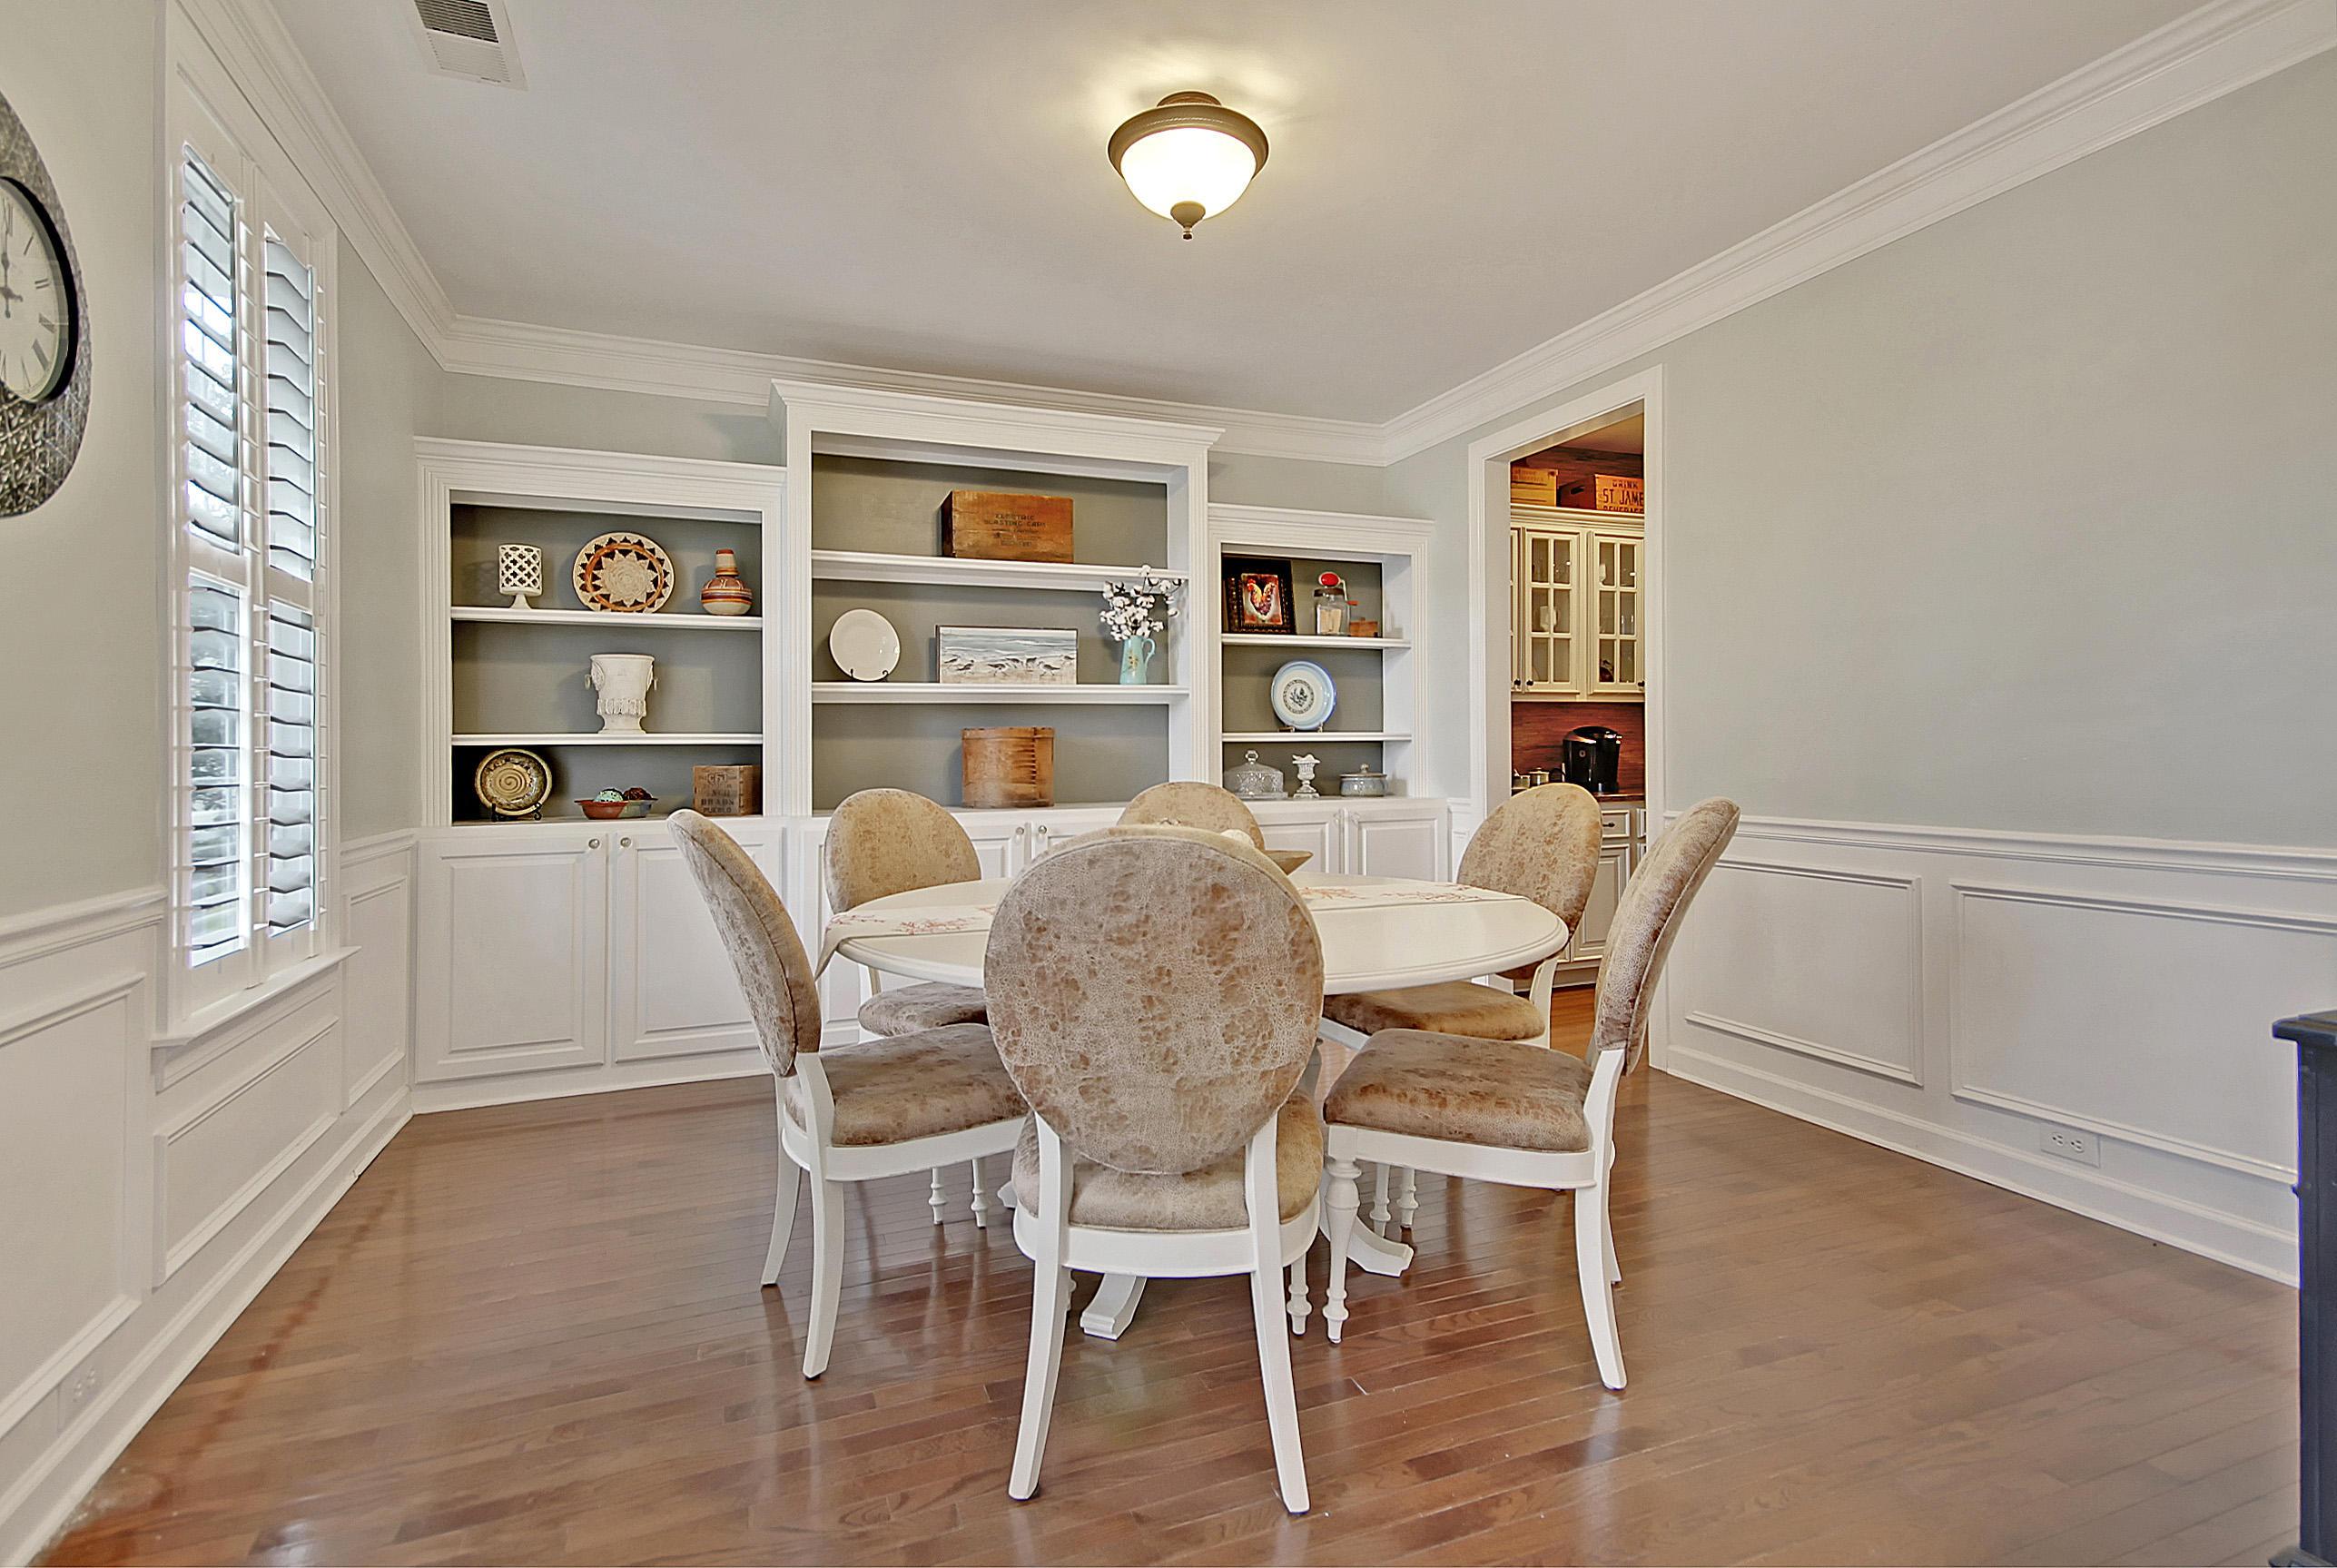 Dunes West Homes For Sale - 3056 Riverwood, Mount Pleasant, SC - 38